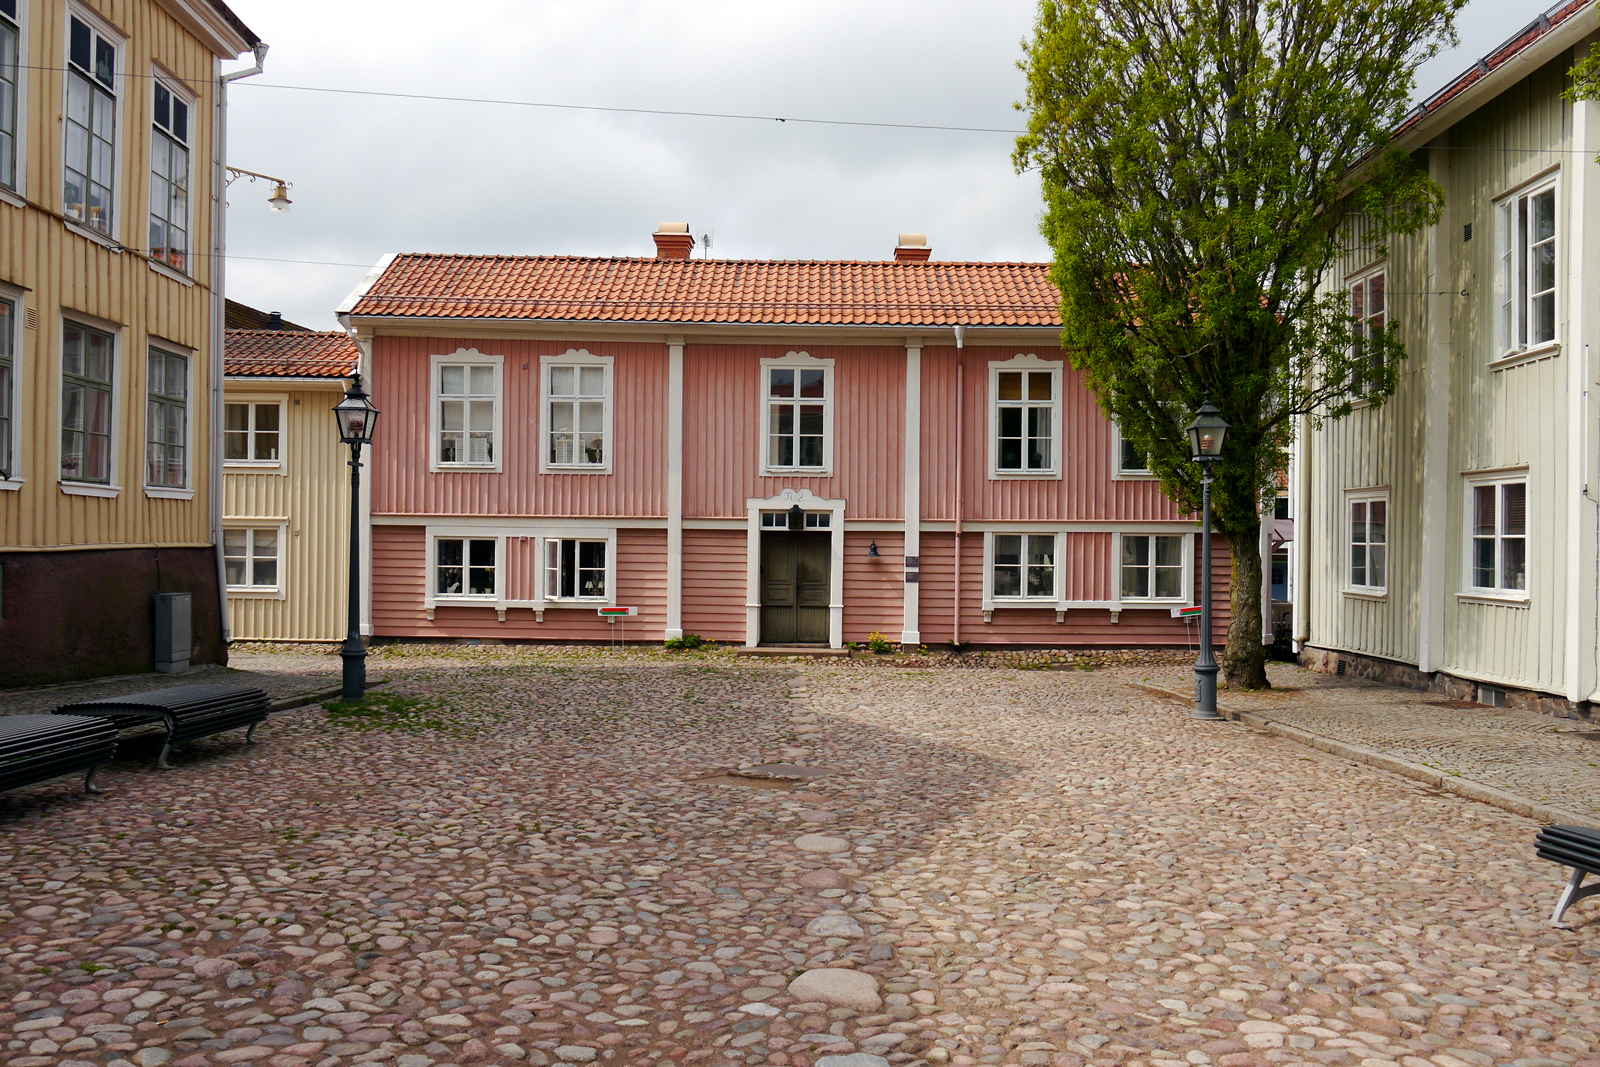 Eksjö-Smaland-Schweden-Gamla Stan-Altstadt-5